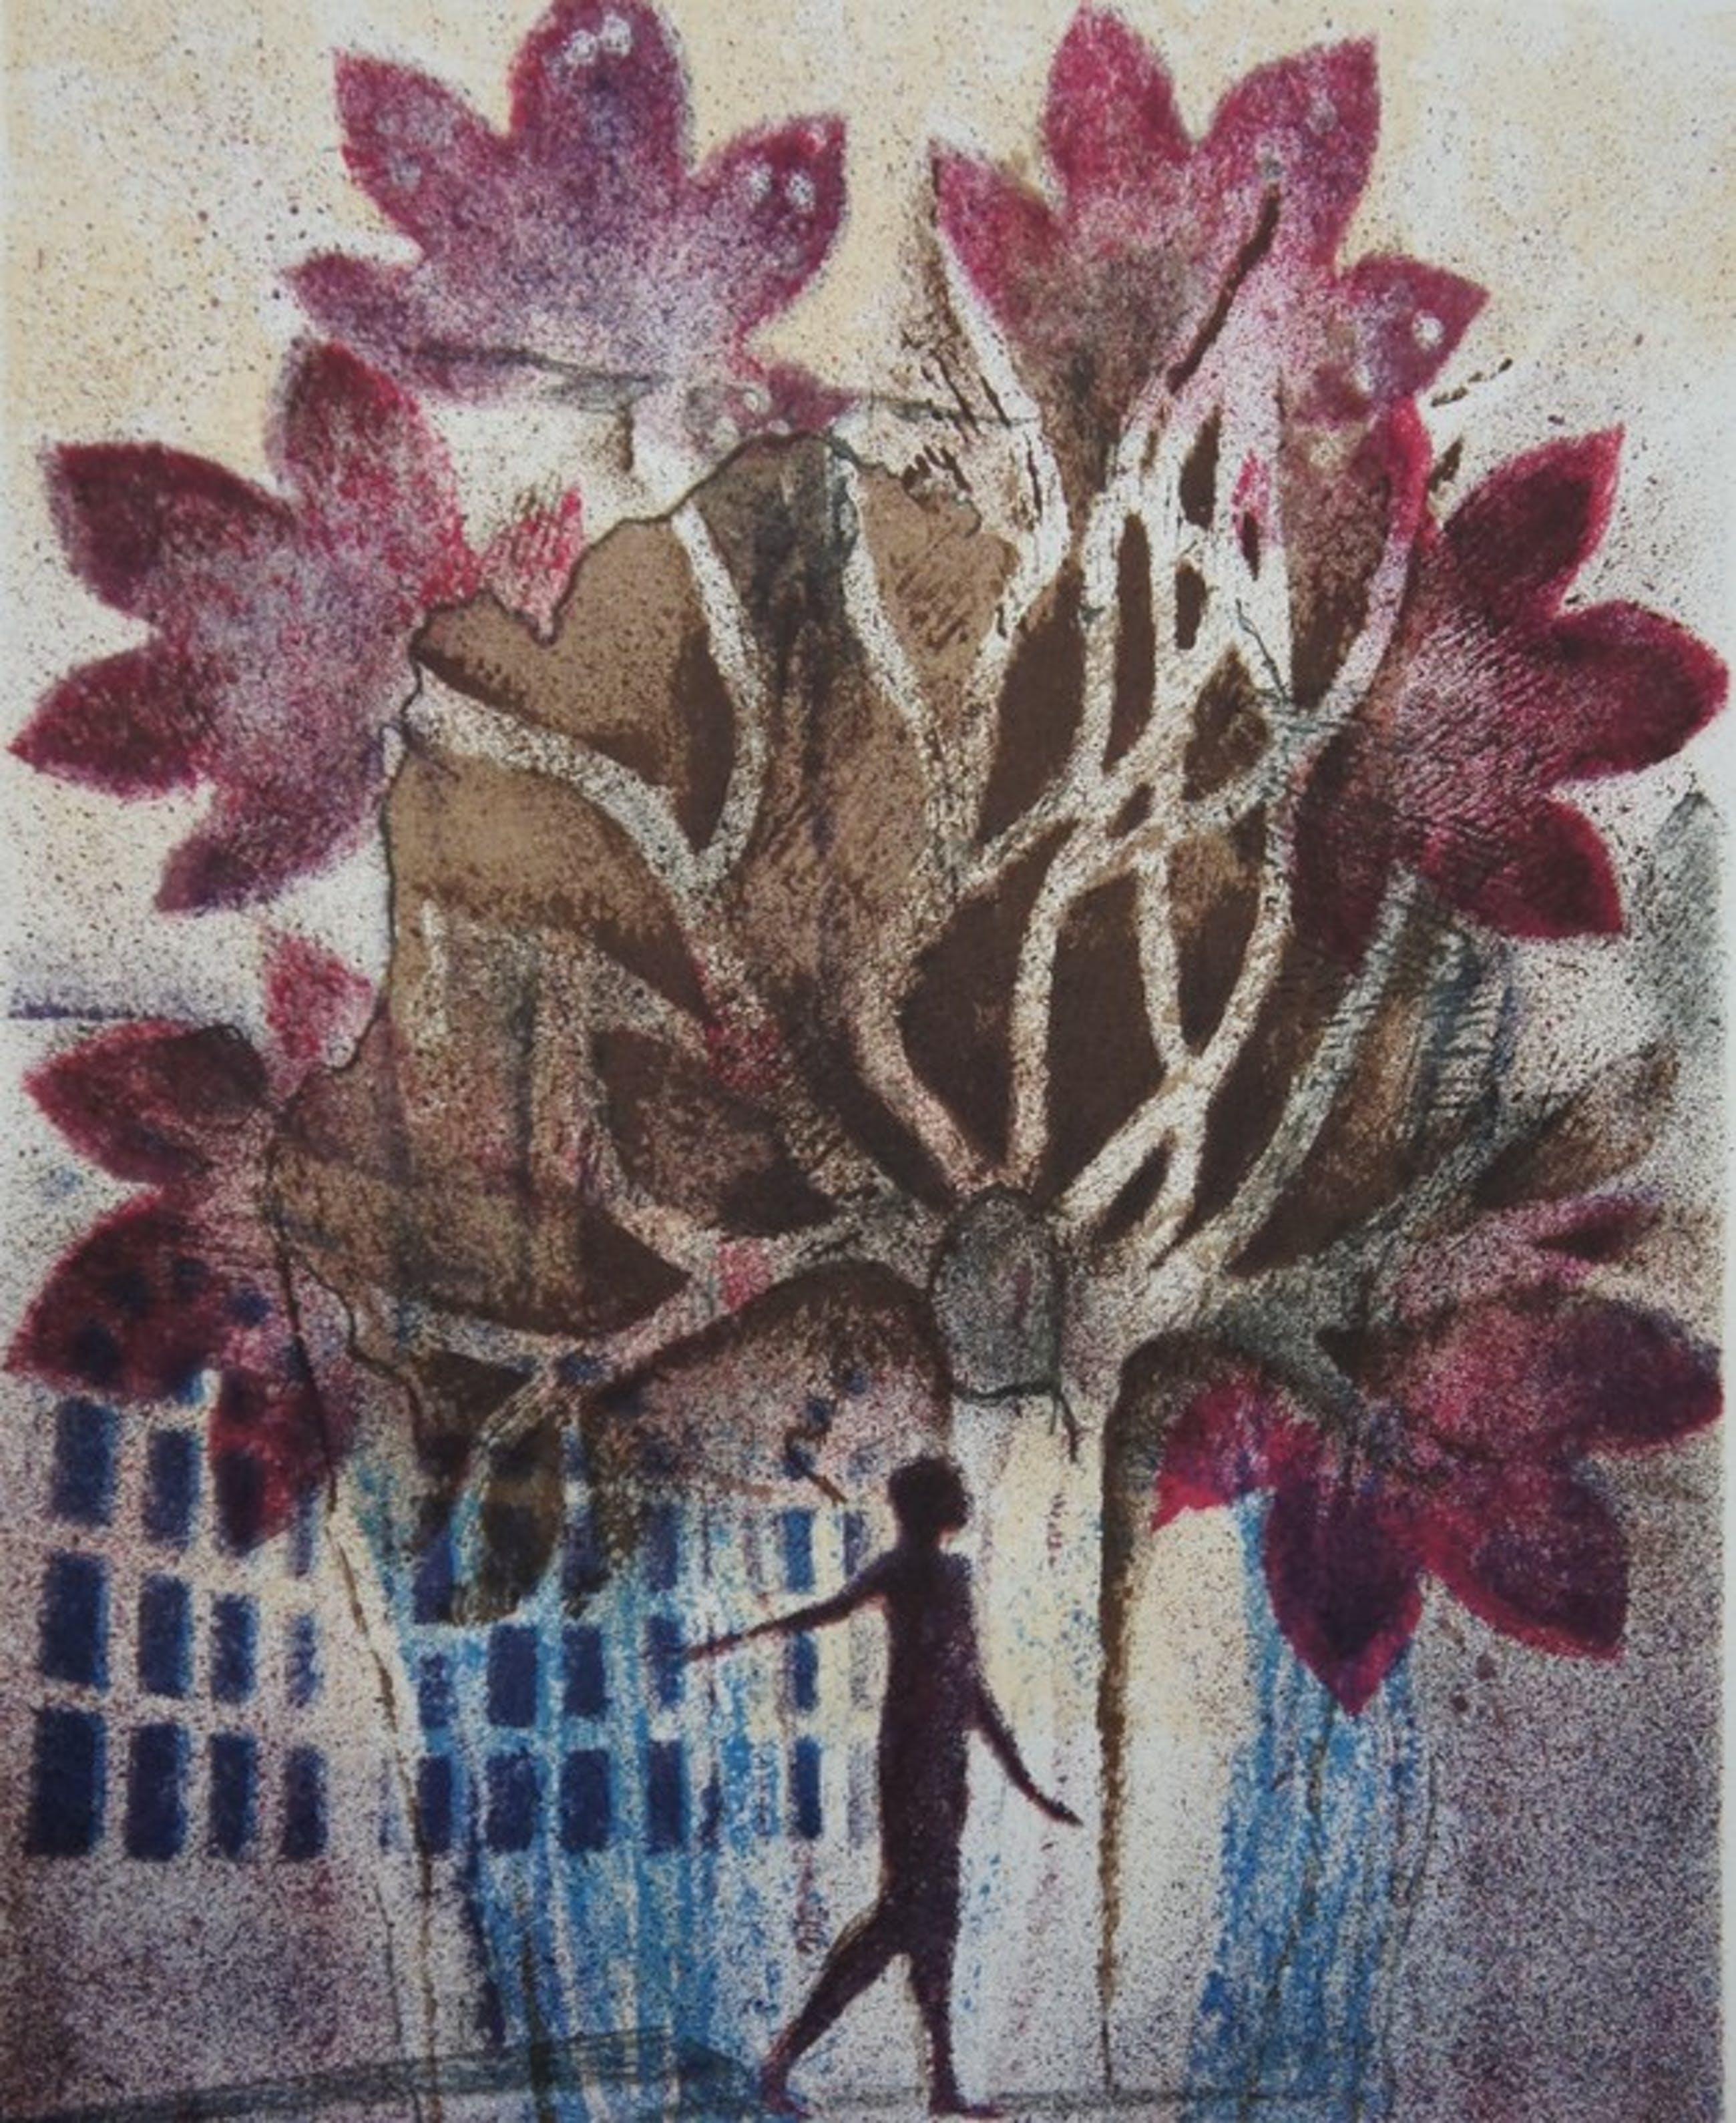 Lithografie - Andre Goezu (1939), Stilleven kopen? Bied vanaf 25!